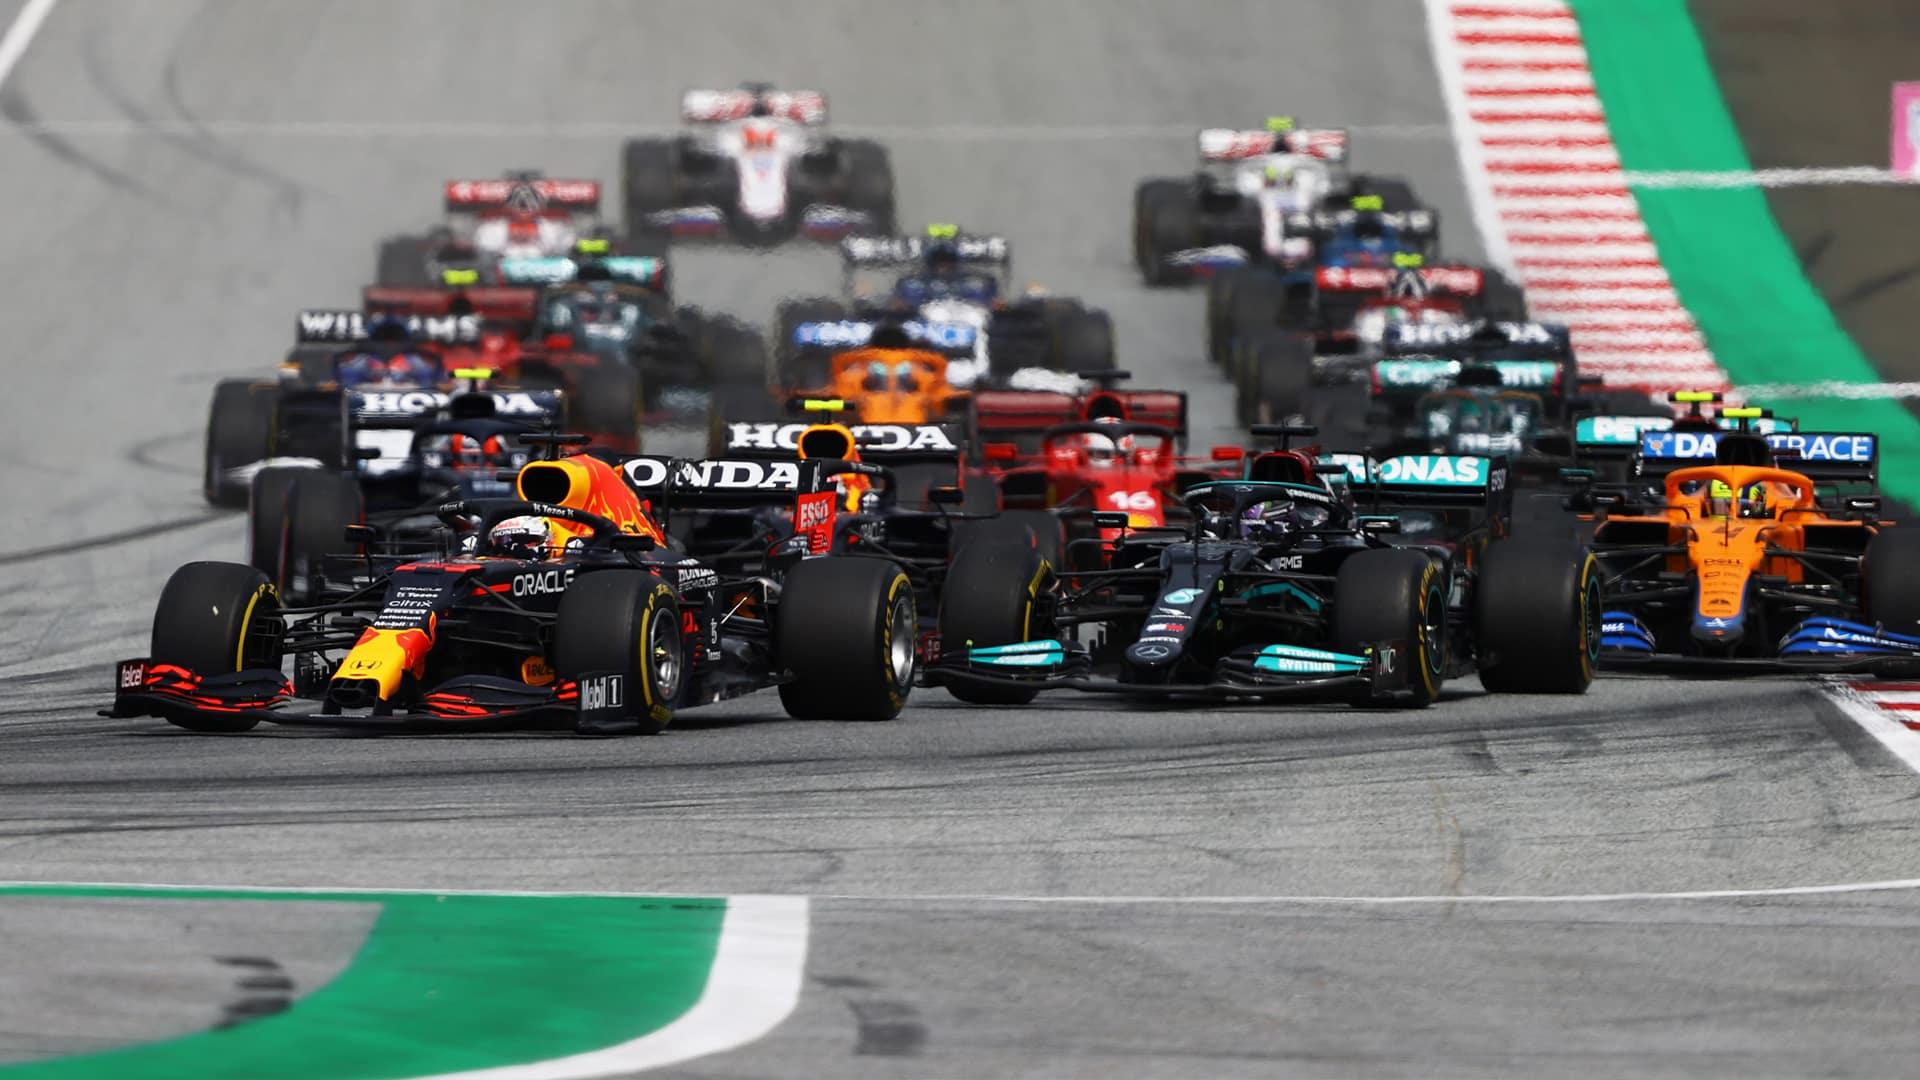 La nueva era de la Fórmula 1 ya tiene fecha de presentación